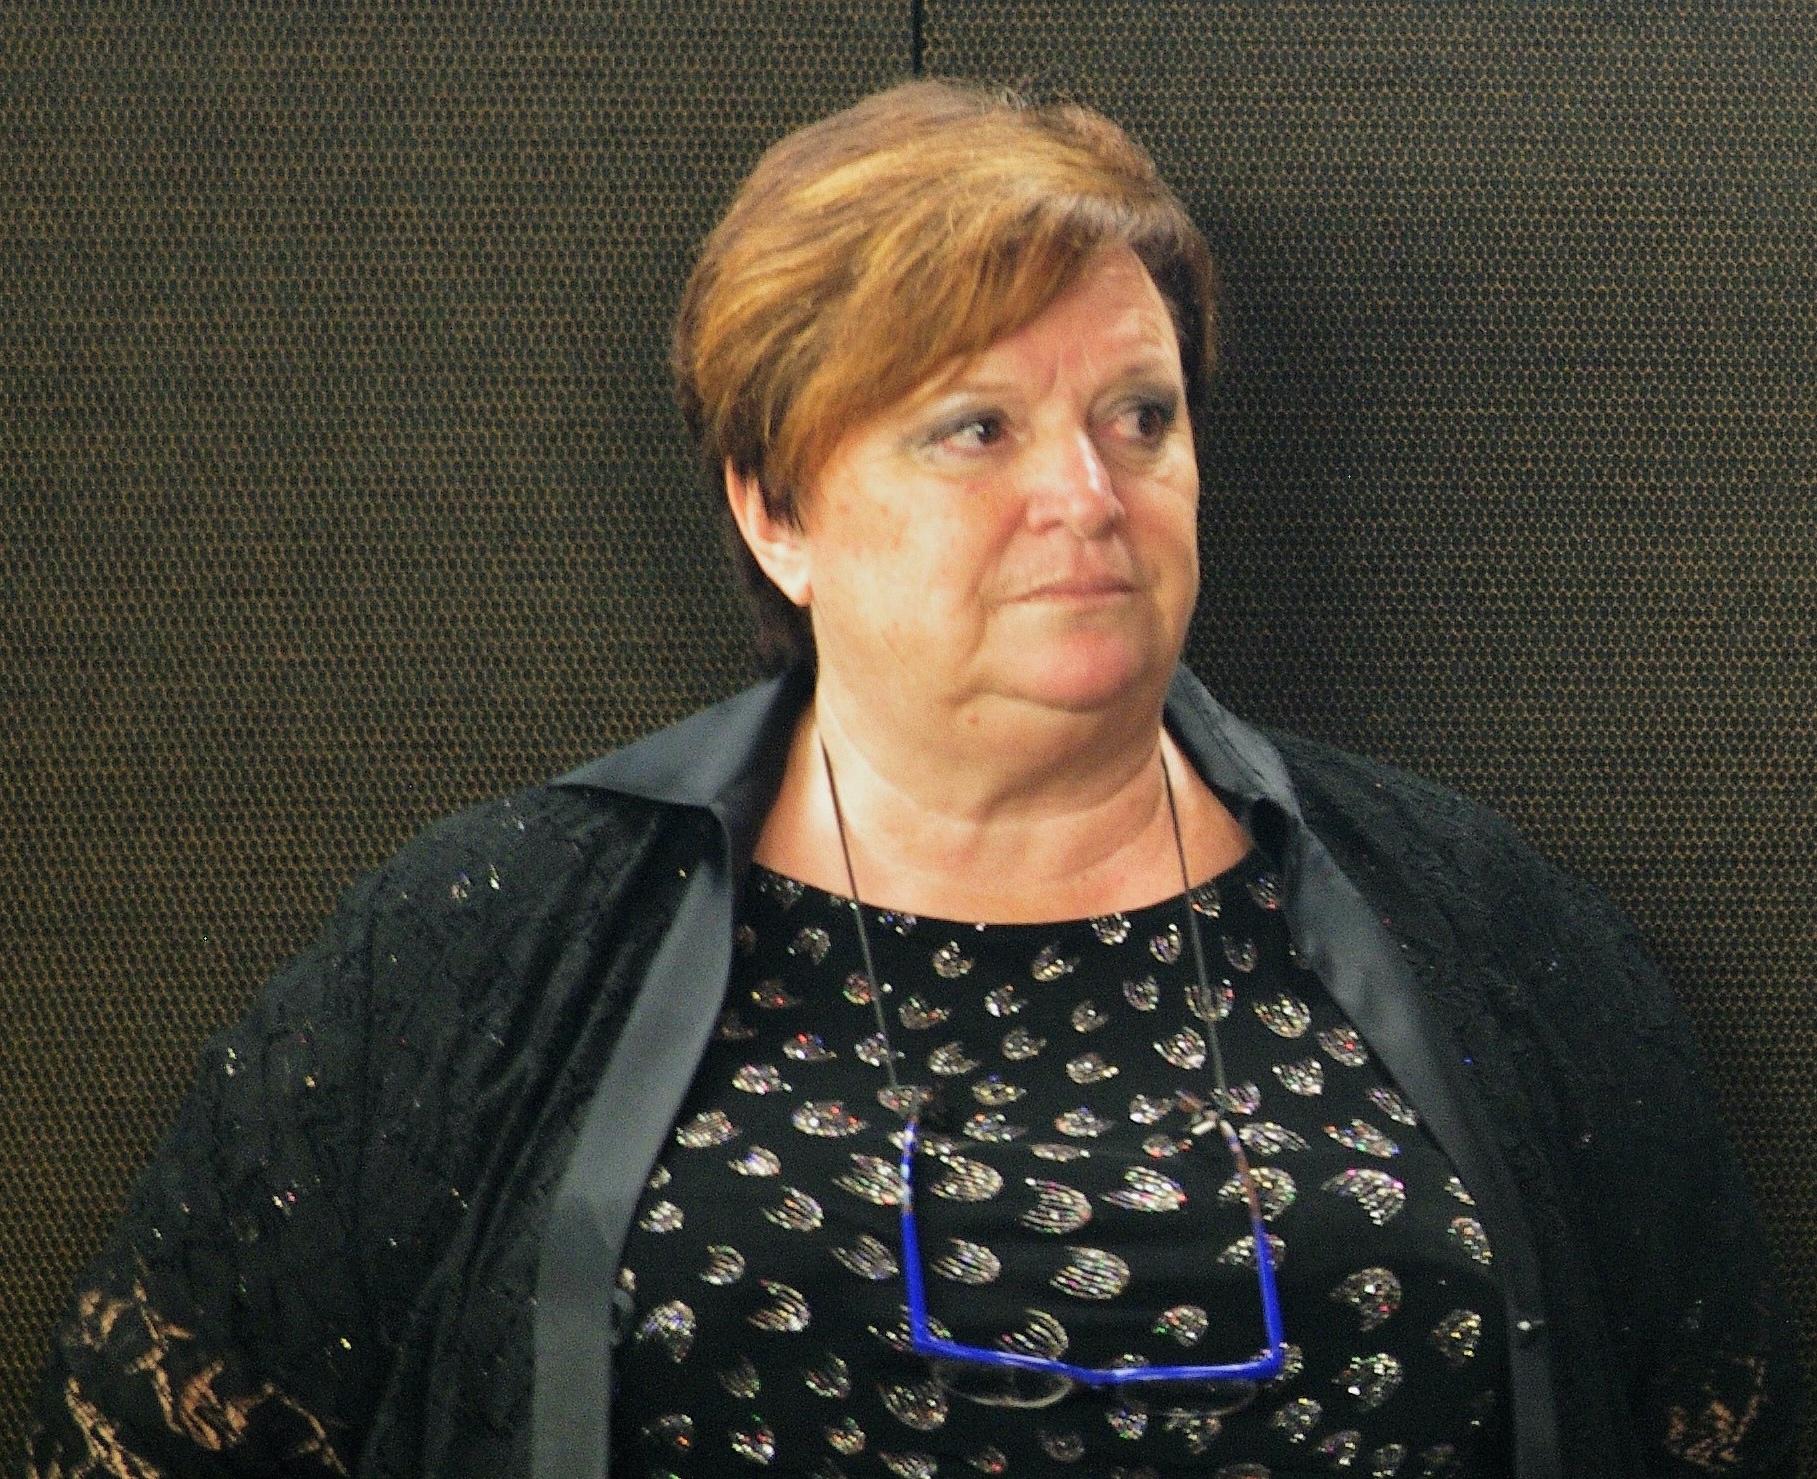 فرانكا باستيانيلّو... من ثاني امرأة تسوق الجندول في البندقية إلى مديرة مهرجان للفيلم الفلسطيني